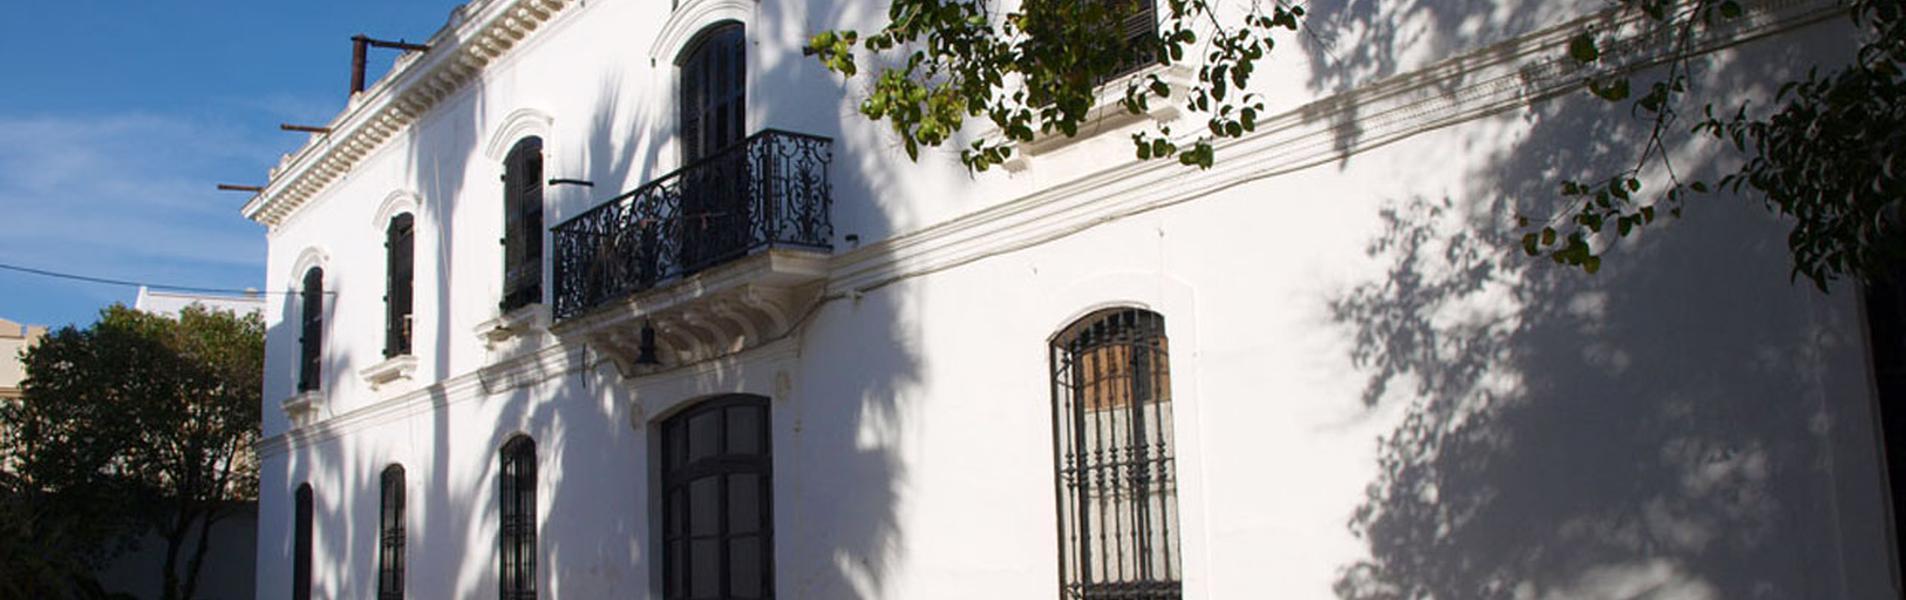 Palacio de los Infantes de Orleans y Borbón